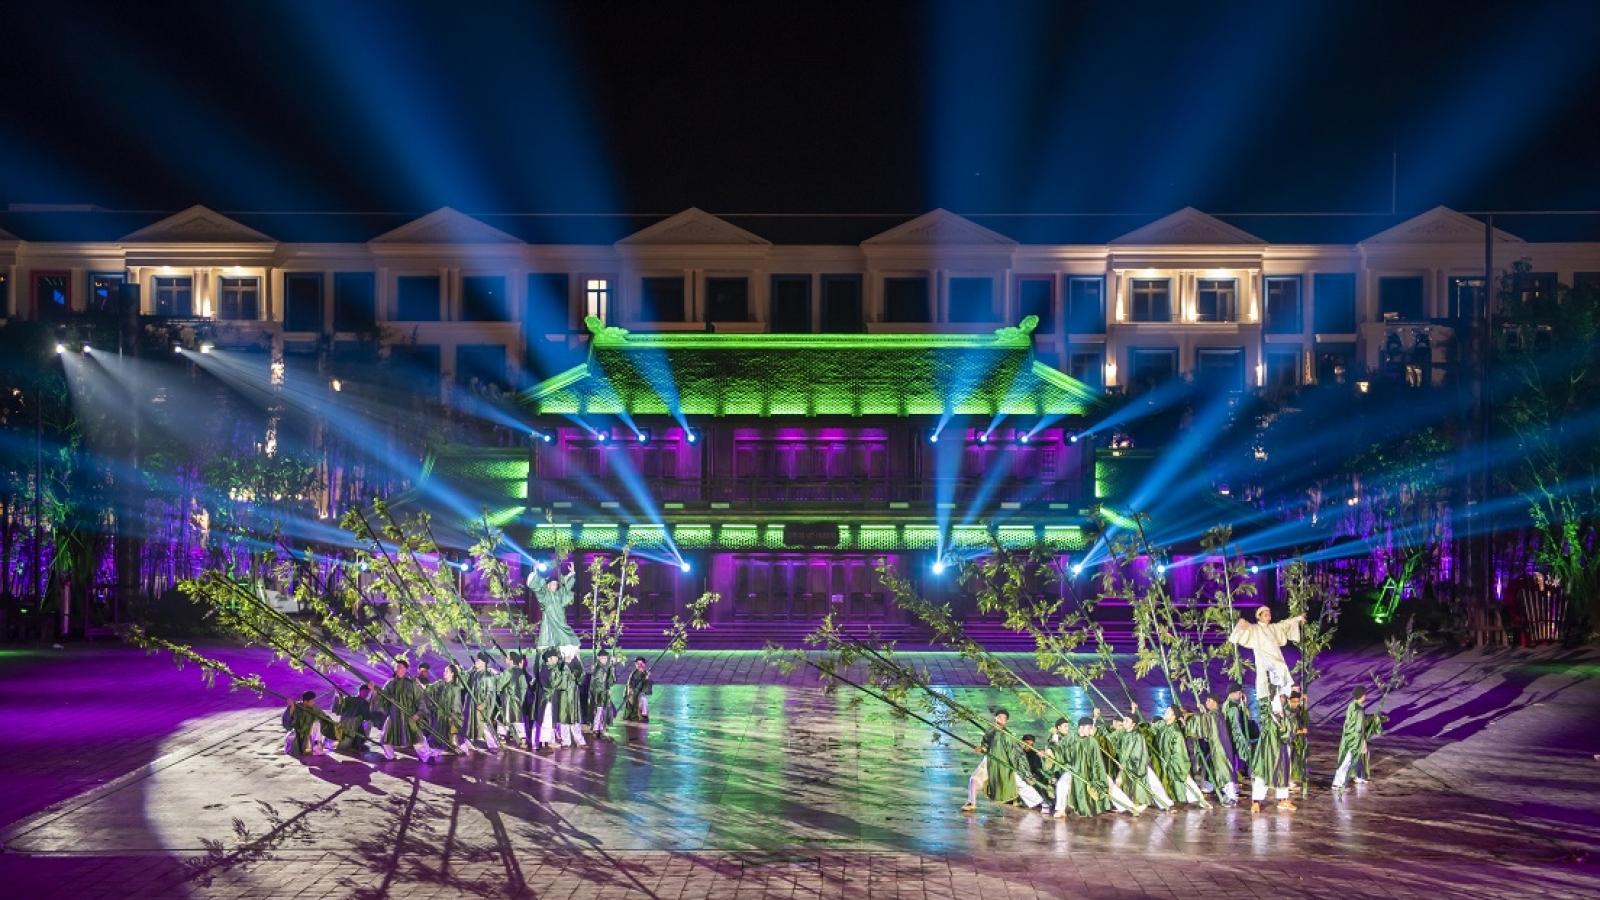 """Phú Quốc United Center - """"Tọa độ vàng"""" hội tụ những thương hiệu văn hóa hàng đầu"""